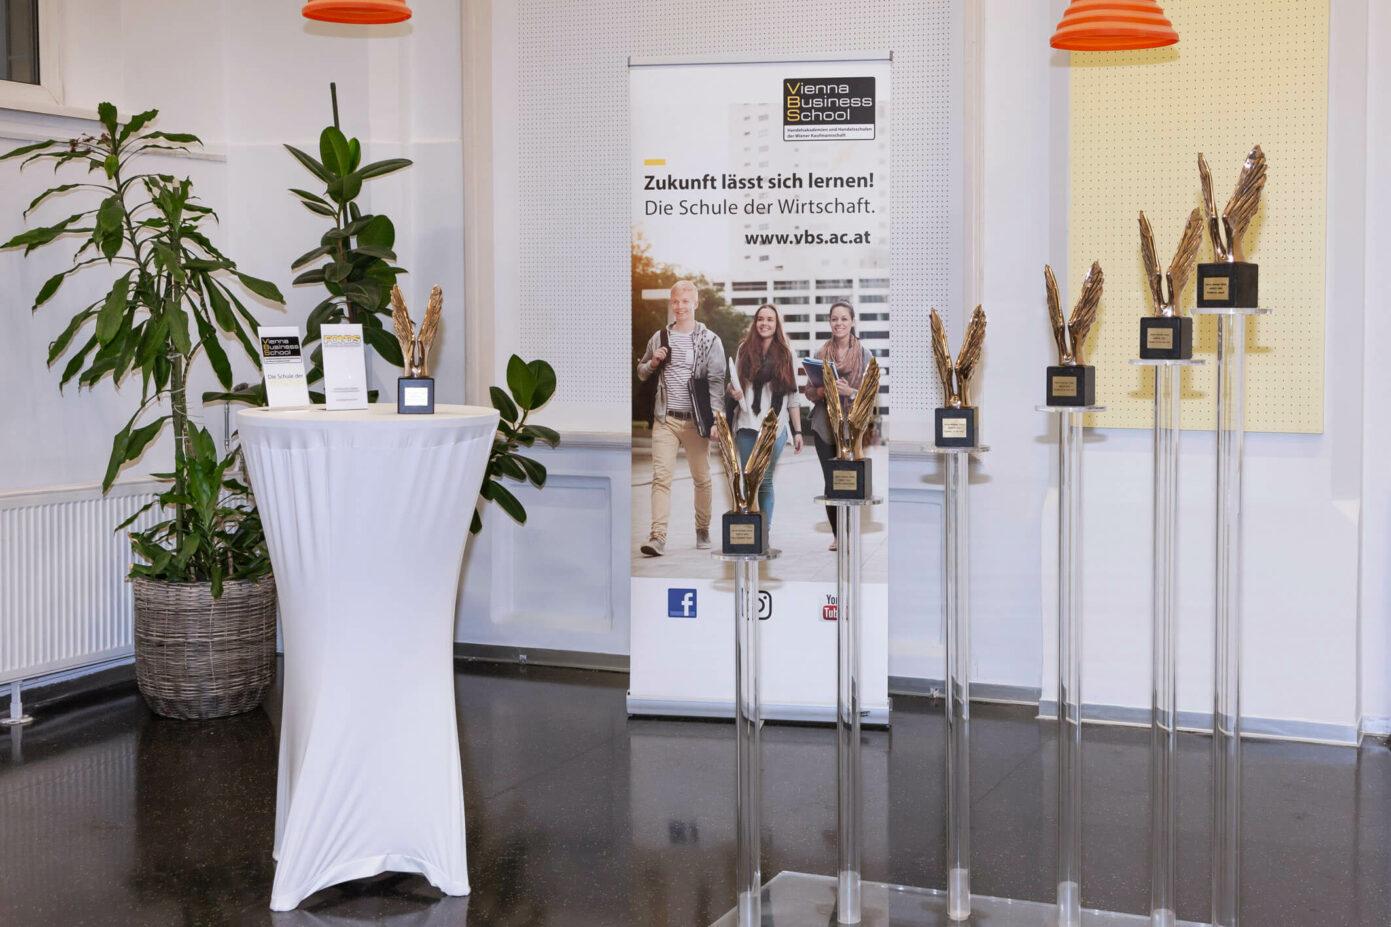 Merkur Award 2020